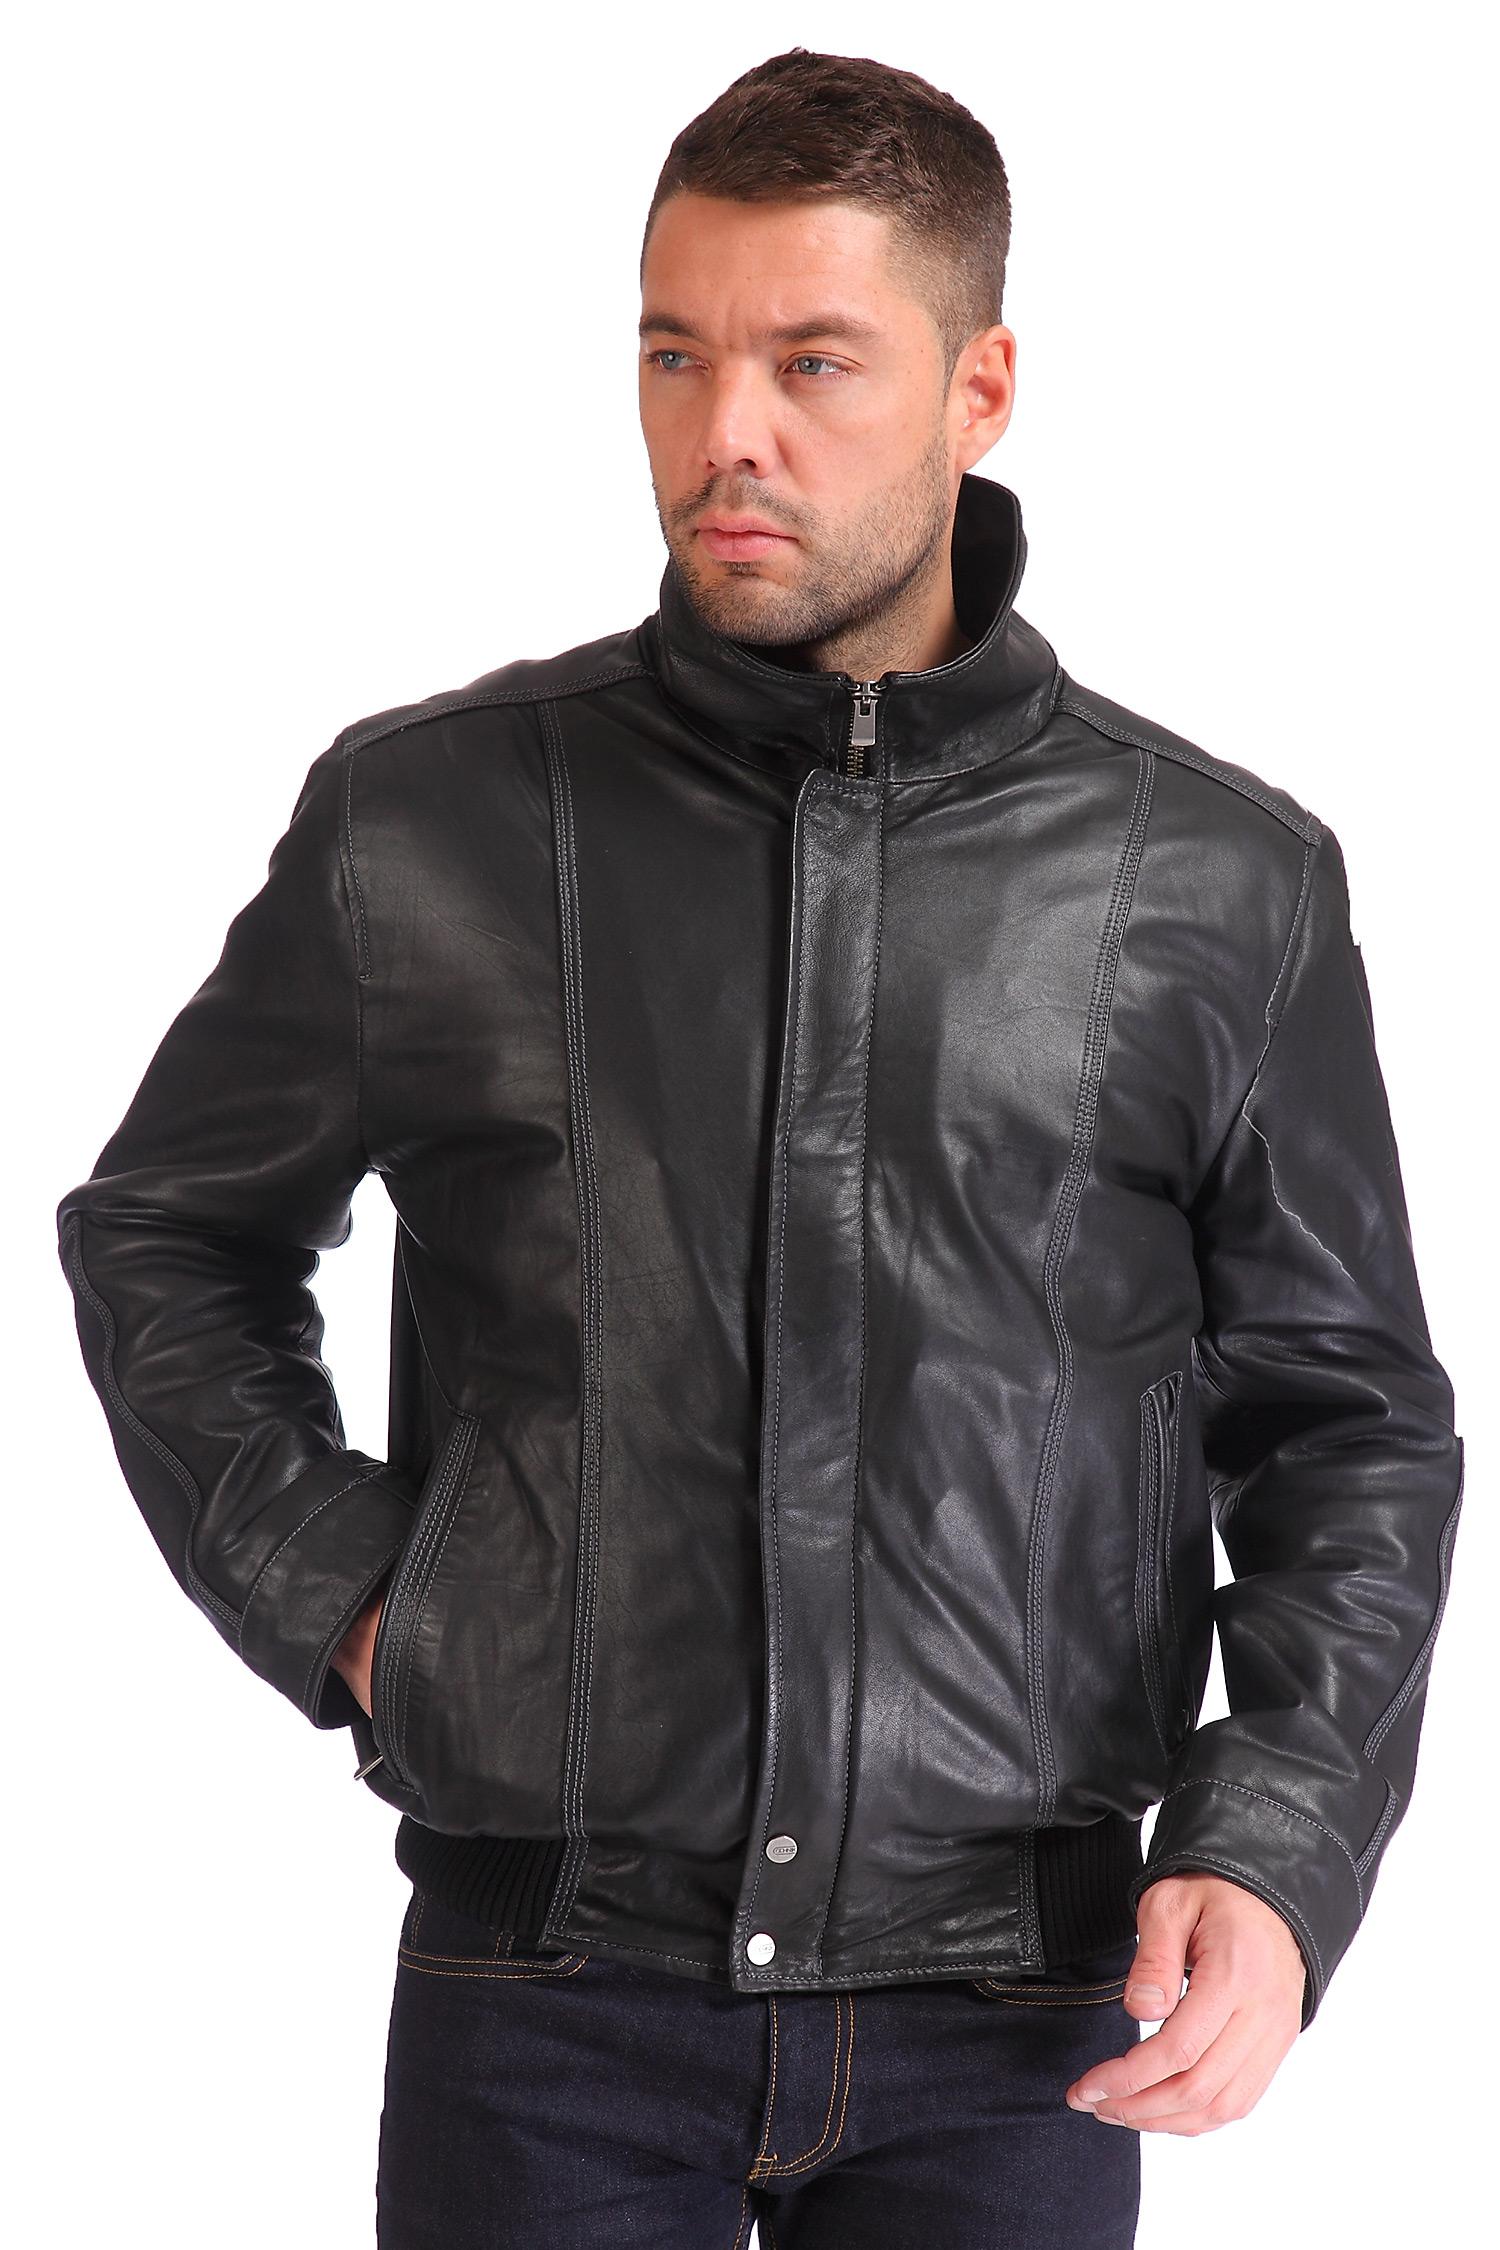 Мужская кожаная куртка из натуральной кожи<br><br>Воротник: стойка<br>Длина см: Короткая (51-74 )<br>Материал: Кожа овчина<br>Цвет: черный<br>Вид застежки: потайная<br>Застежка: на молнии<br>Пол: Мужской<br>Размер RU: 54